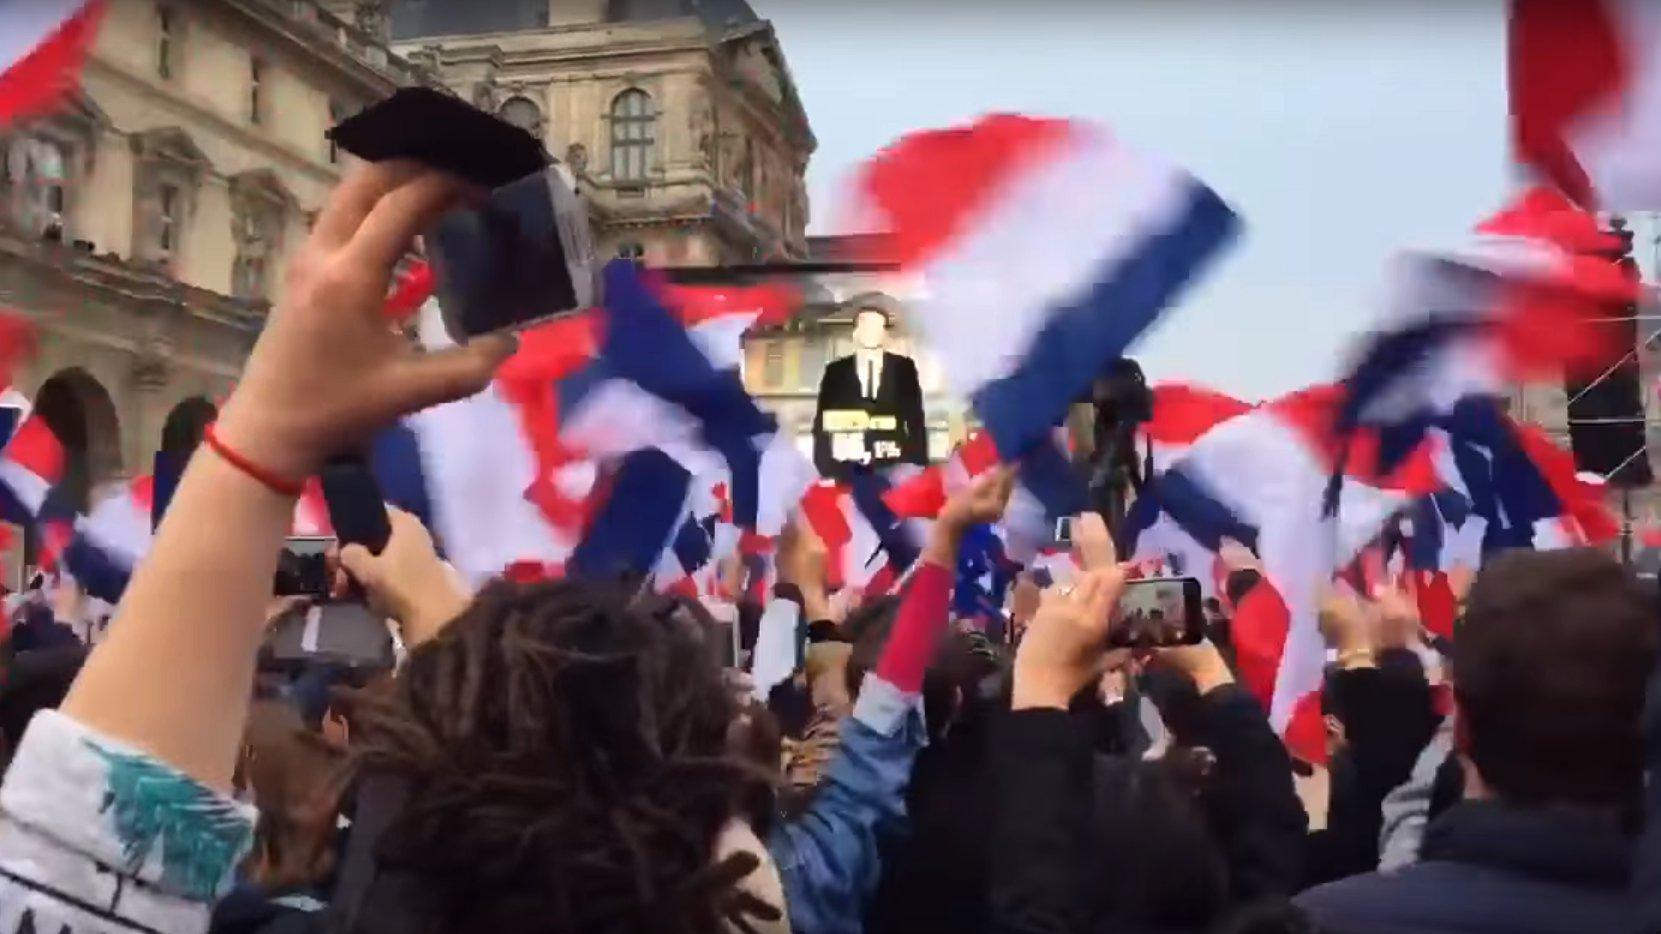 Pariser Louvre: Macrons Sieg wird bekanntgegeben